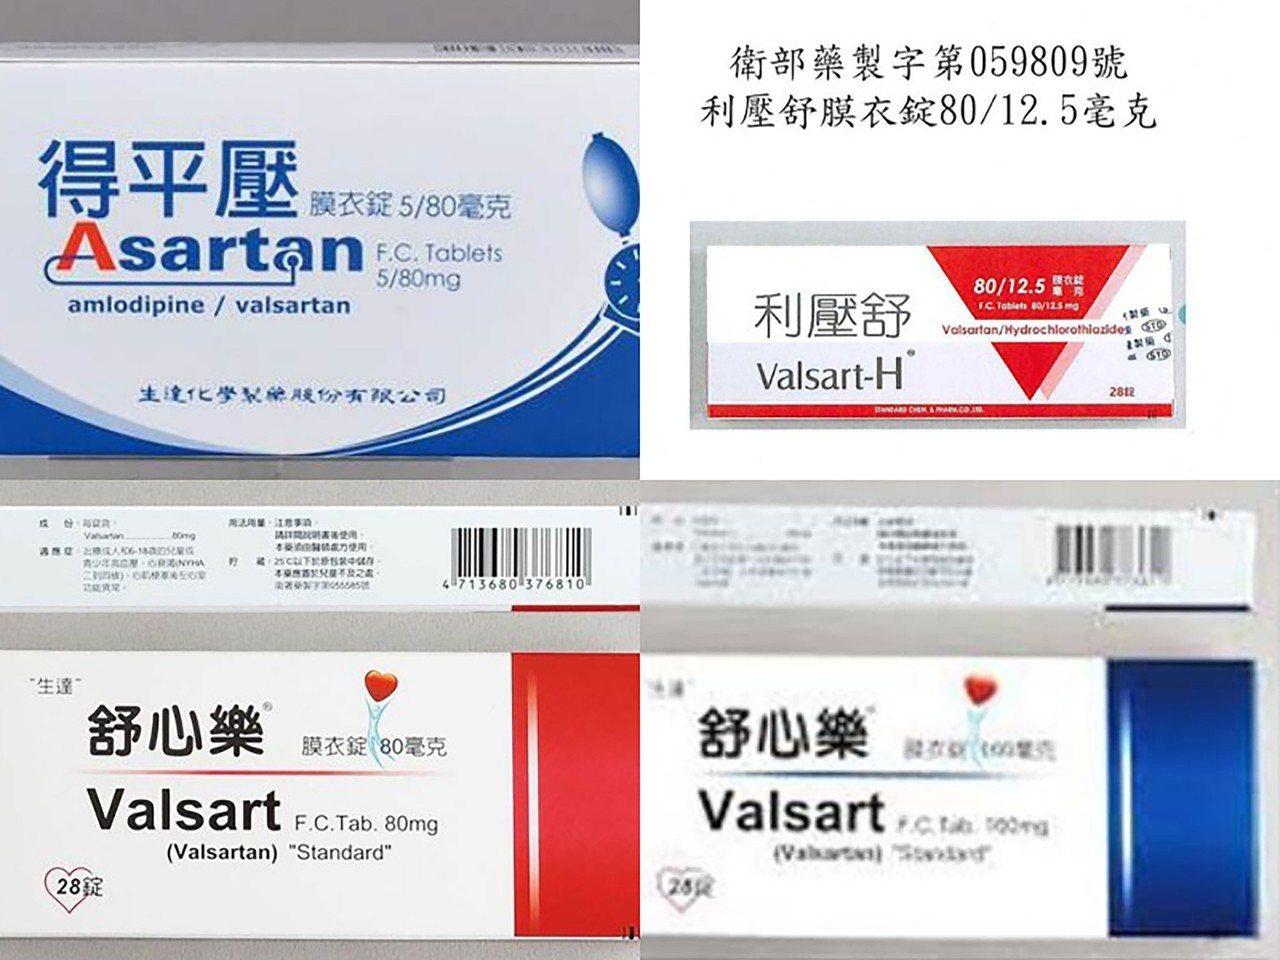 中國大陸浙江華海製藥公司製造的原料藥,日前傳出含致癌疑慮的不純物。經食藥署調查,...